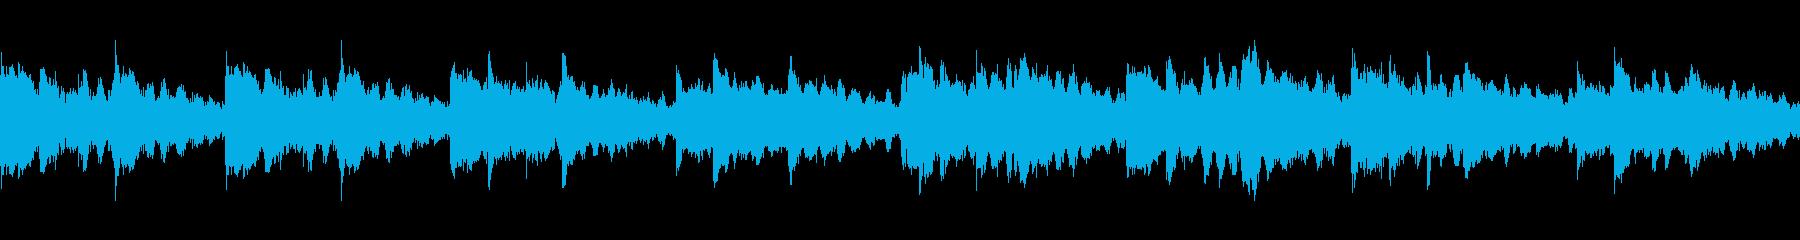 スローテンポのリラクゼーショントラックの再生済みの波形